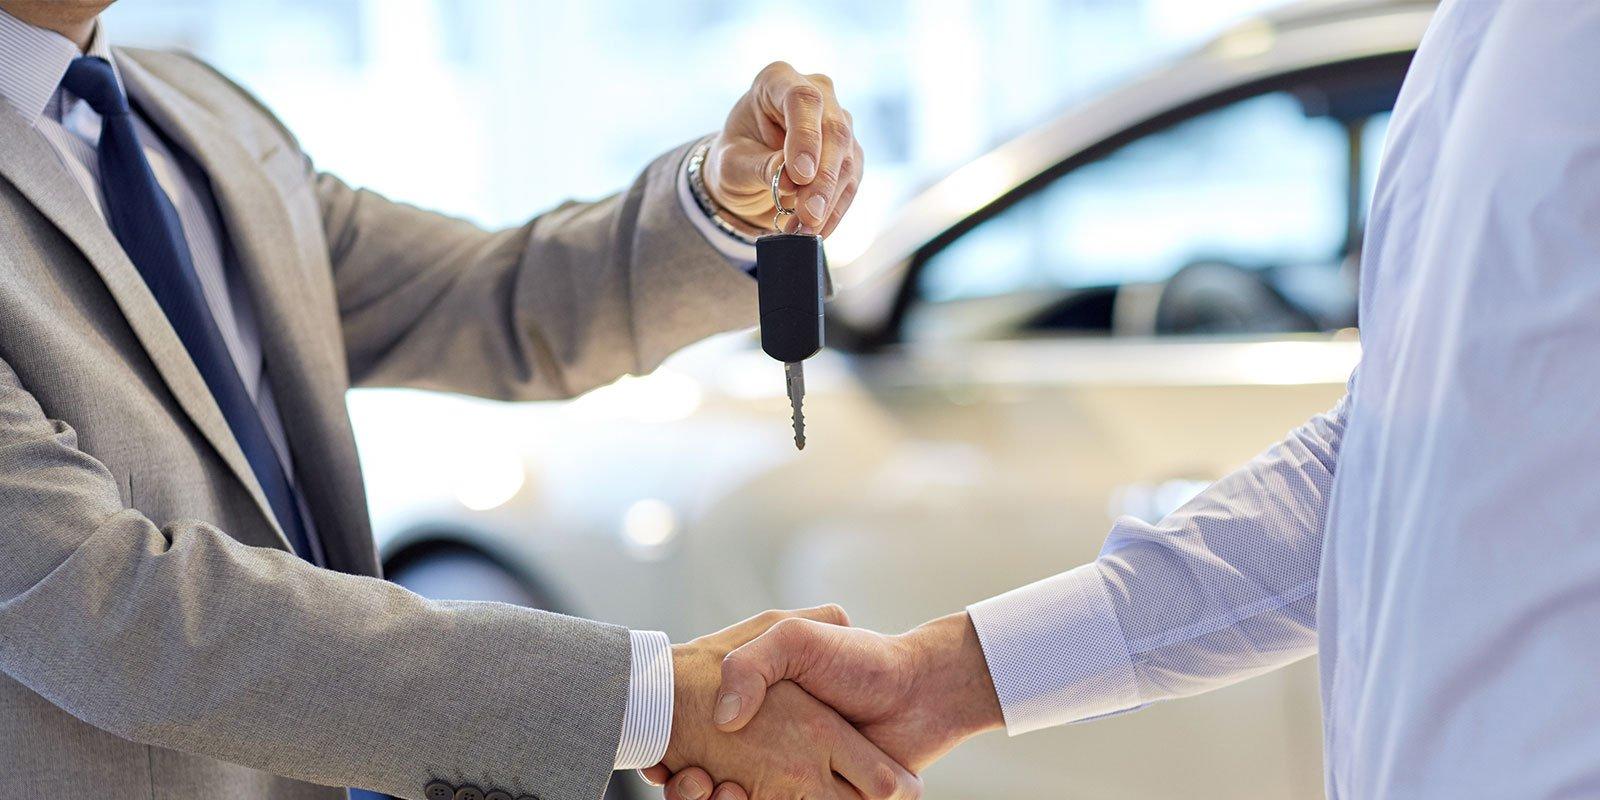 stretta di commerciante che fornisce tasto di nuovo proprietario e si stringono la mano in salone dell'auto